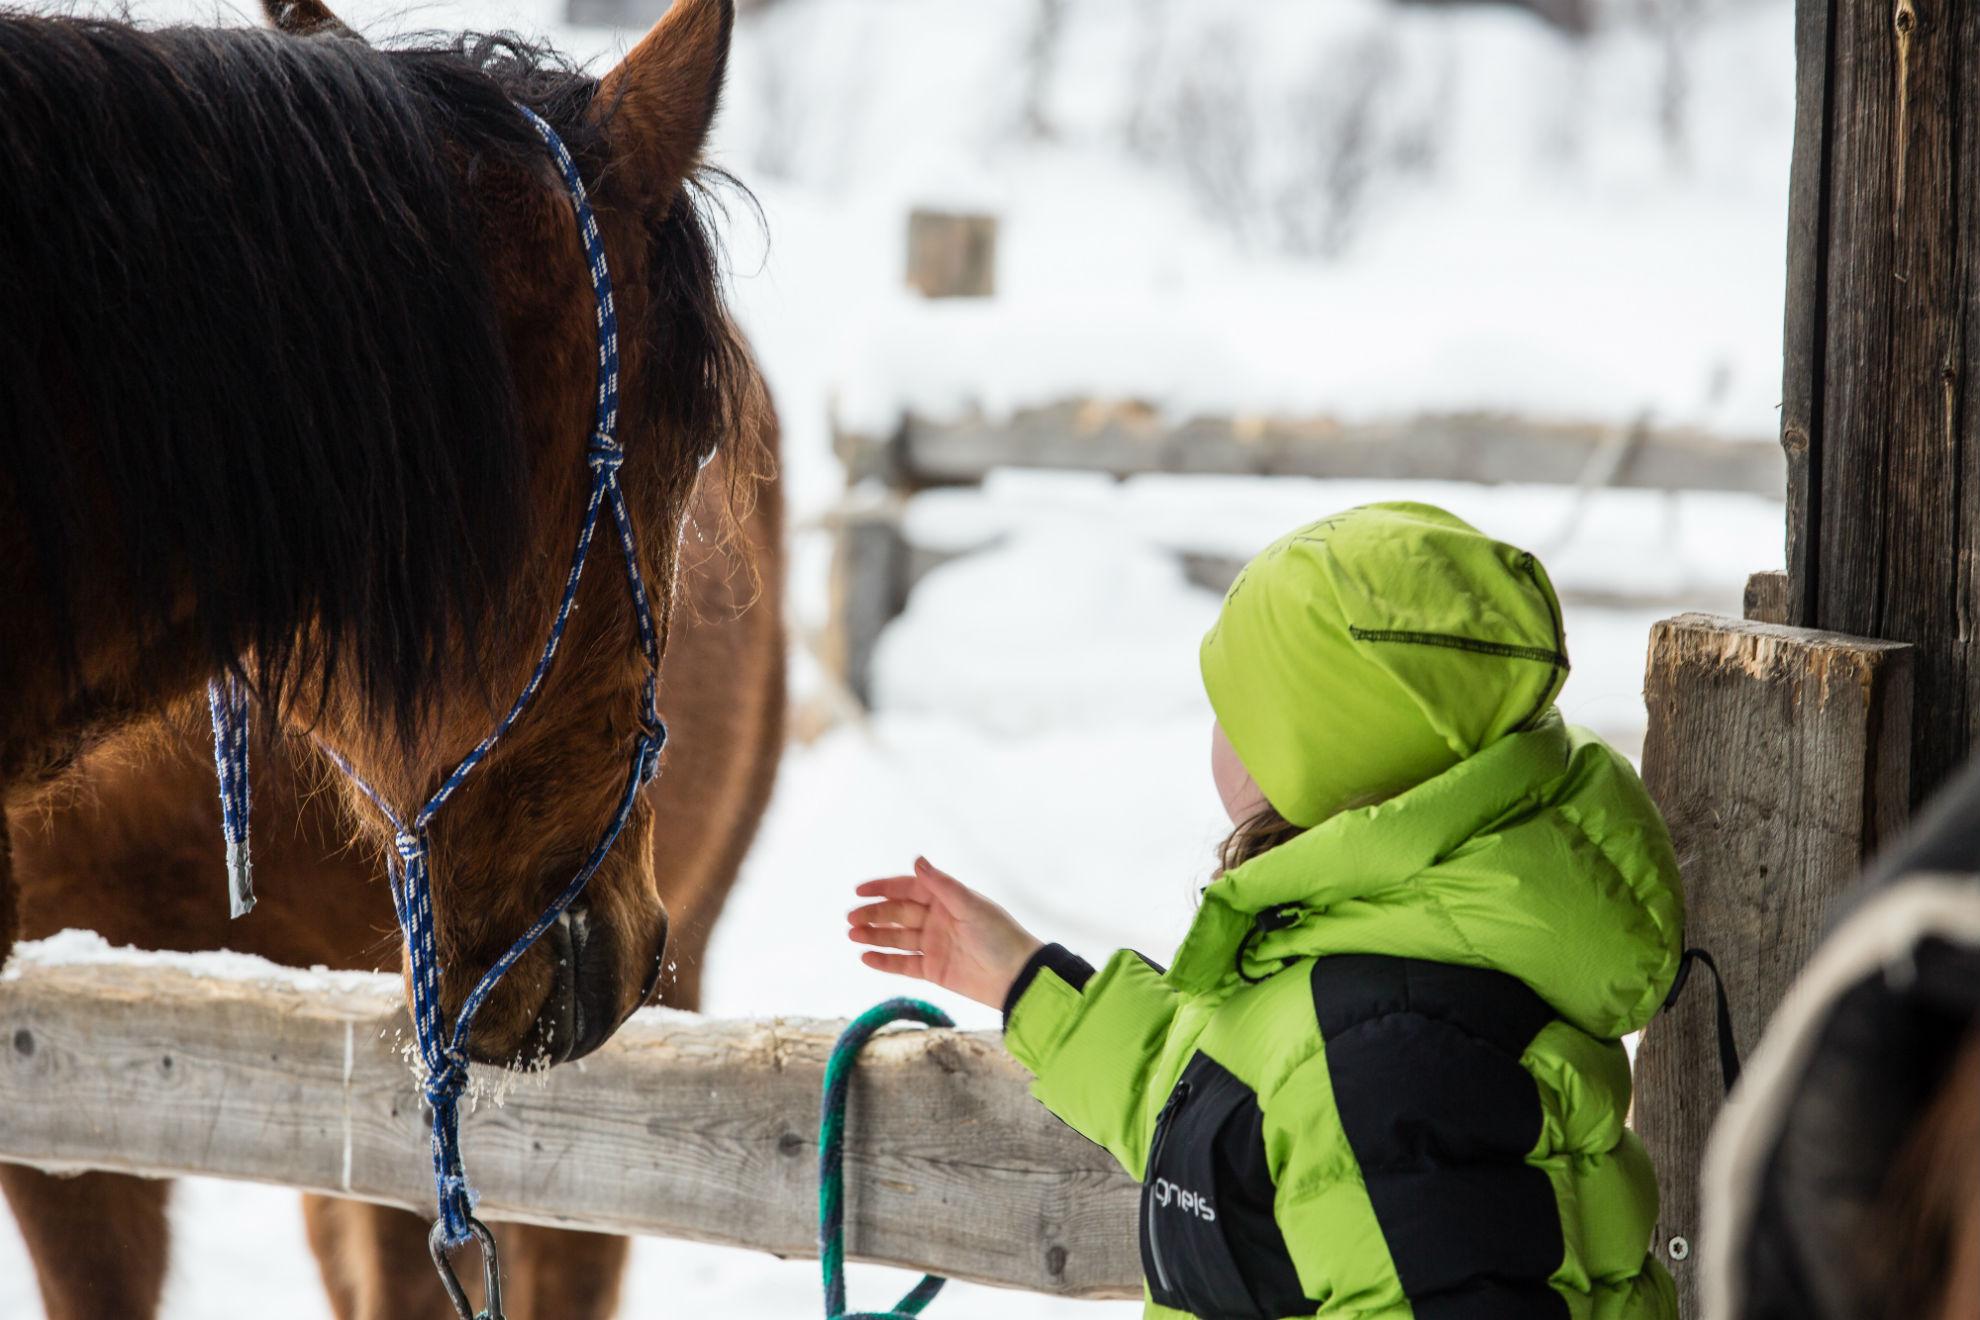 Petting_horses_trumvallen_Vemdalen_anette_andersson